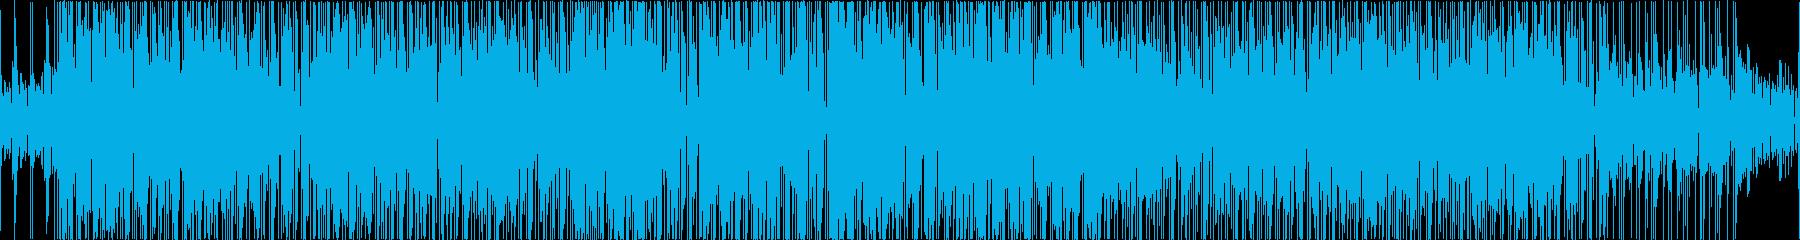 16Beat shuffle Funkの再生済みの波形